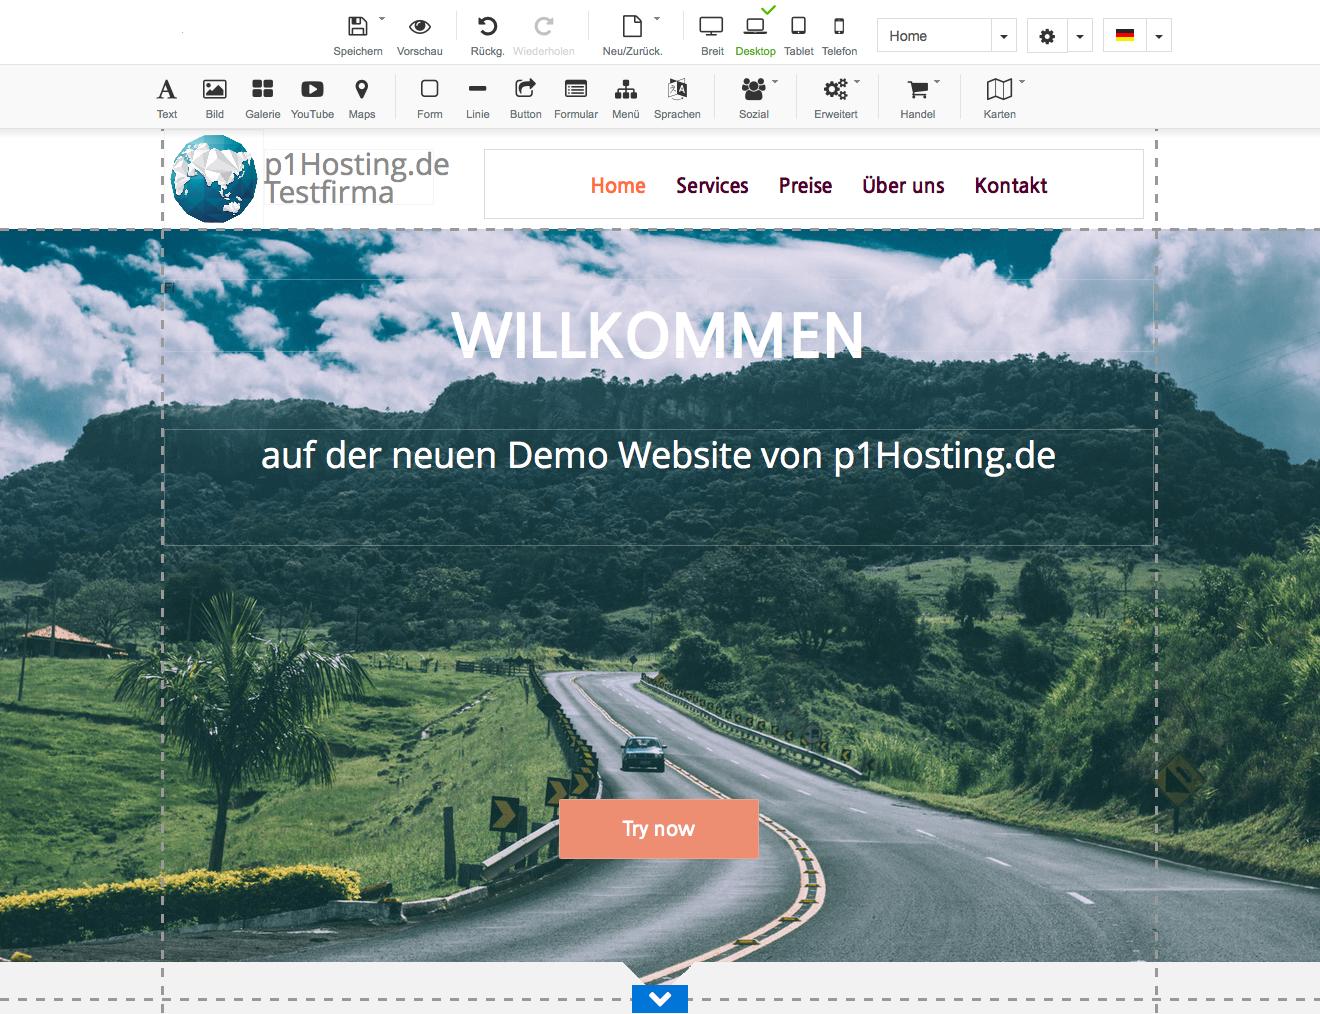 Sitebuilder der Webbaukasten oder Homepagebaukasten, Homepage Baukasten von p1Hosting.de managed IT Premium Hosting www.p1hosting.de